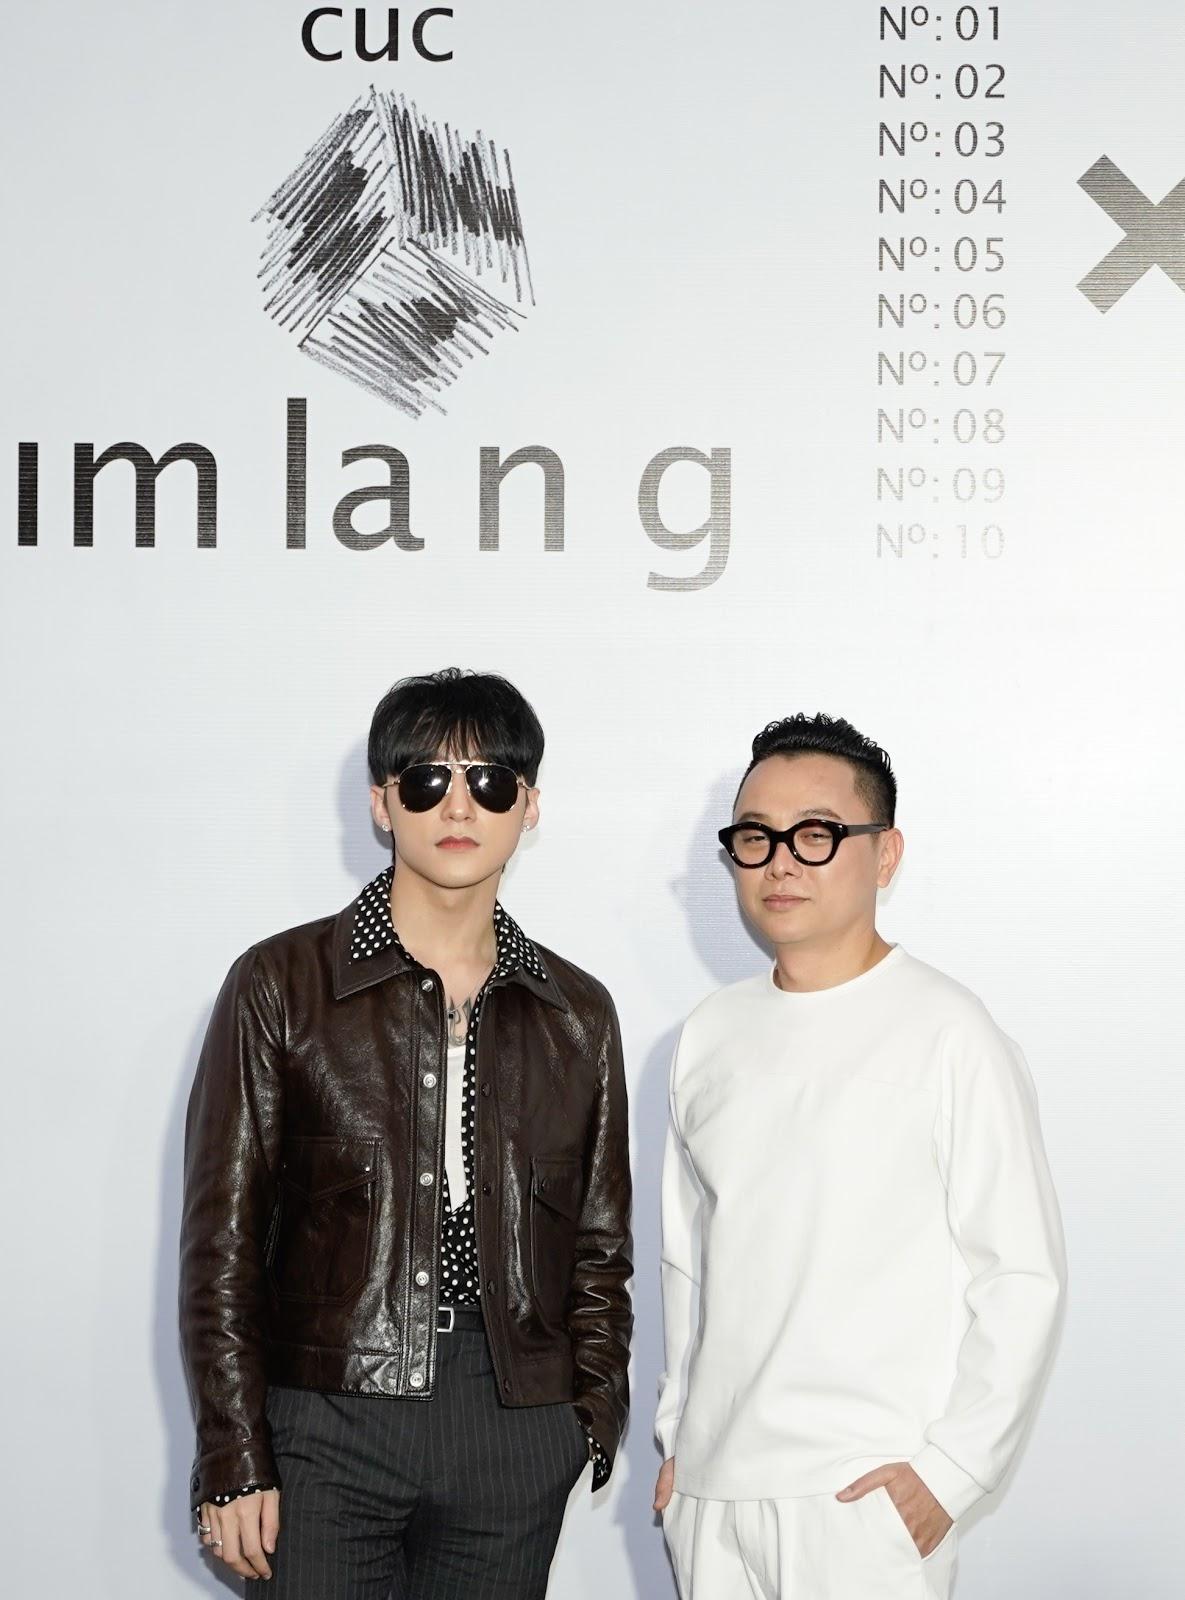 Sơn Tùng chiếm trọn spotlight tại sự kiện Triển lãm thời trang Nguyễn Công Trí và Nghệ thuật Đương đại 'Cục Im Lặng' - Hình 1